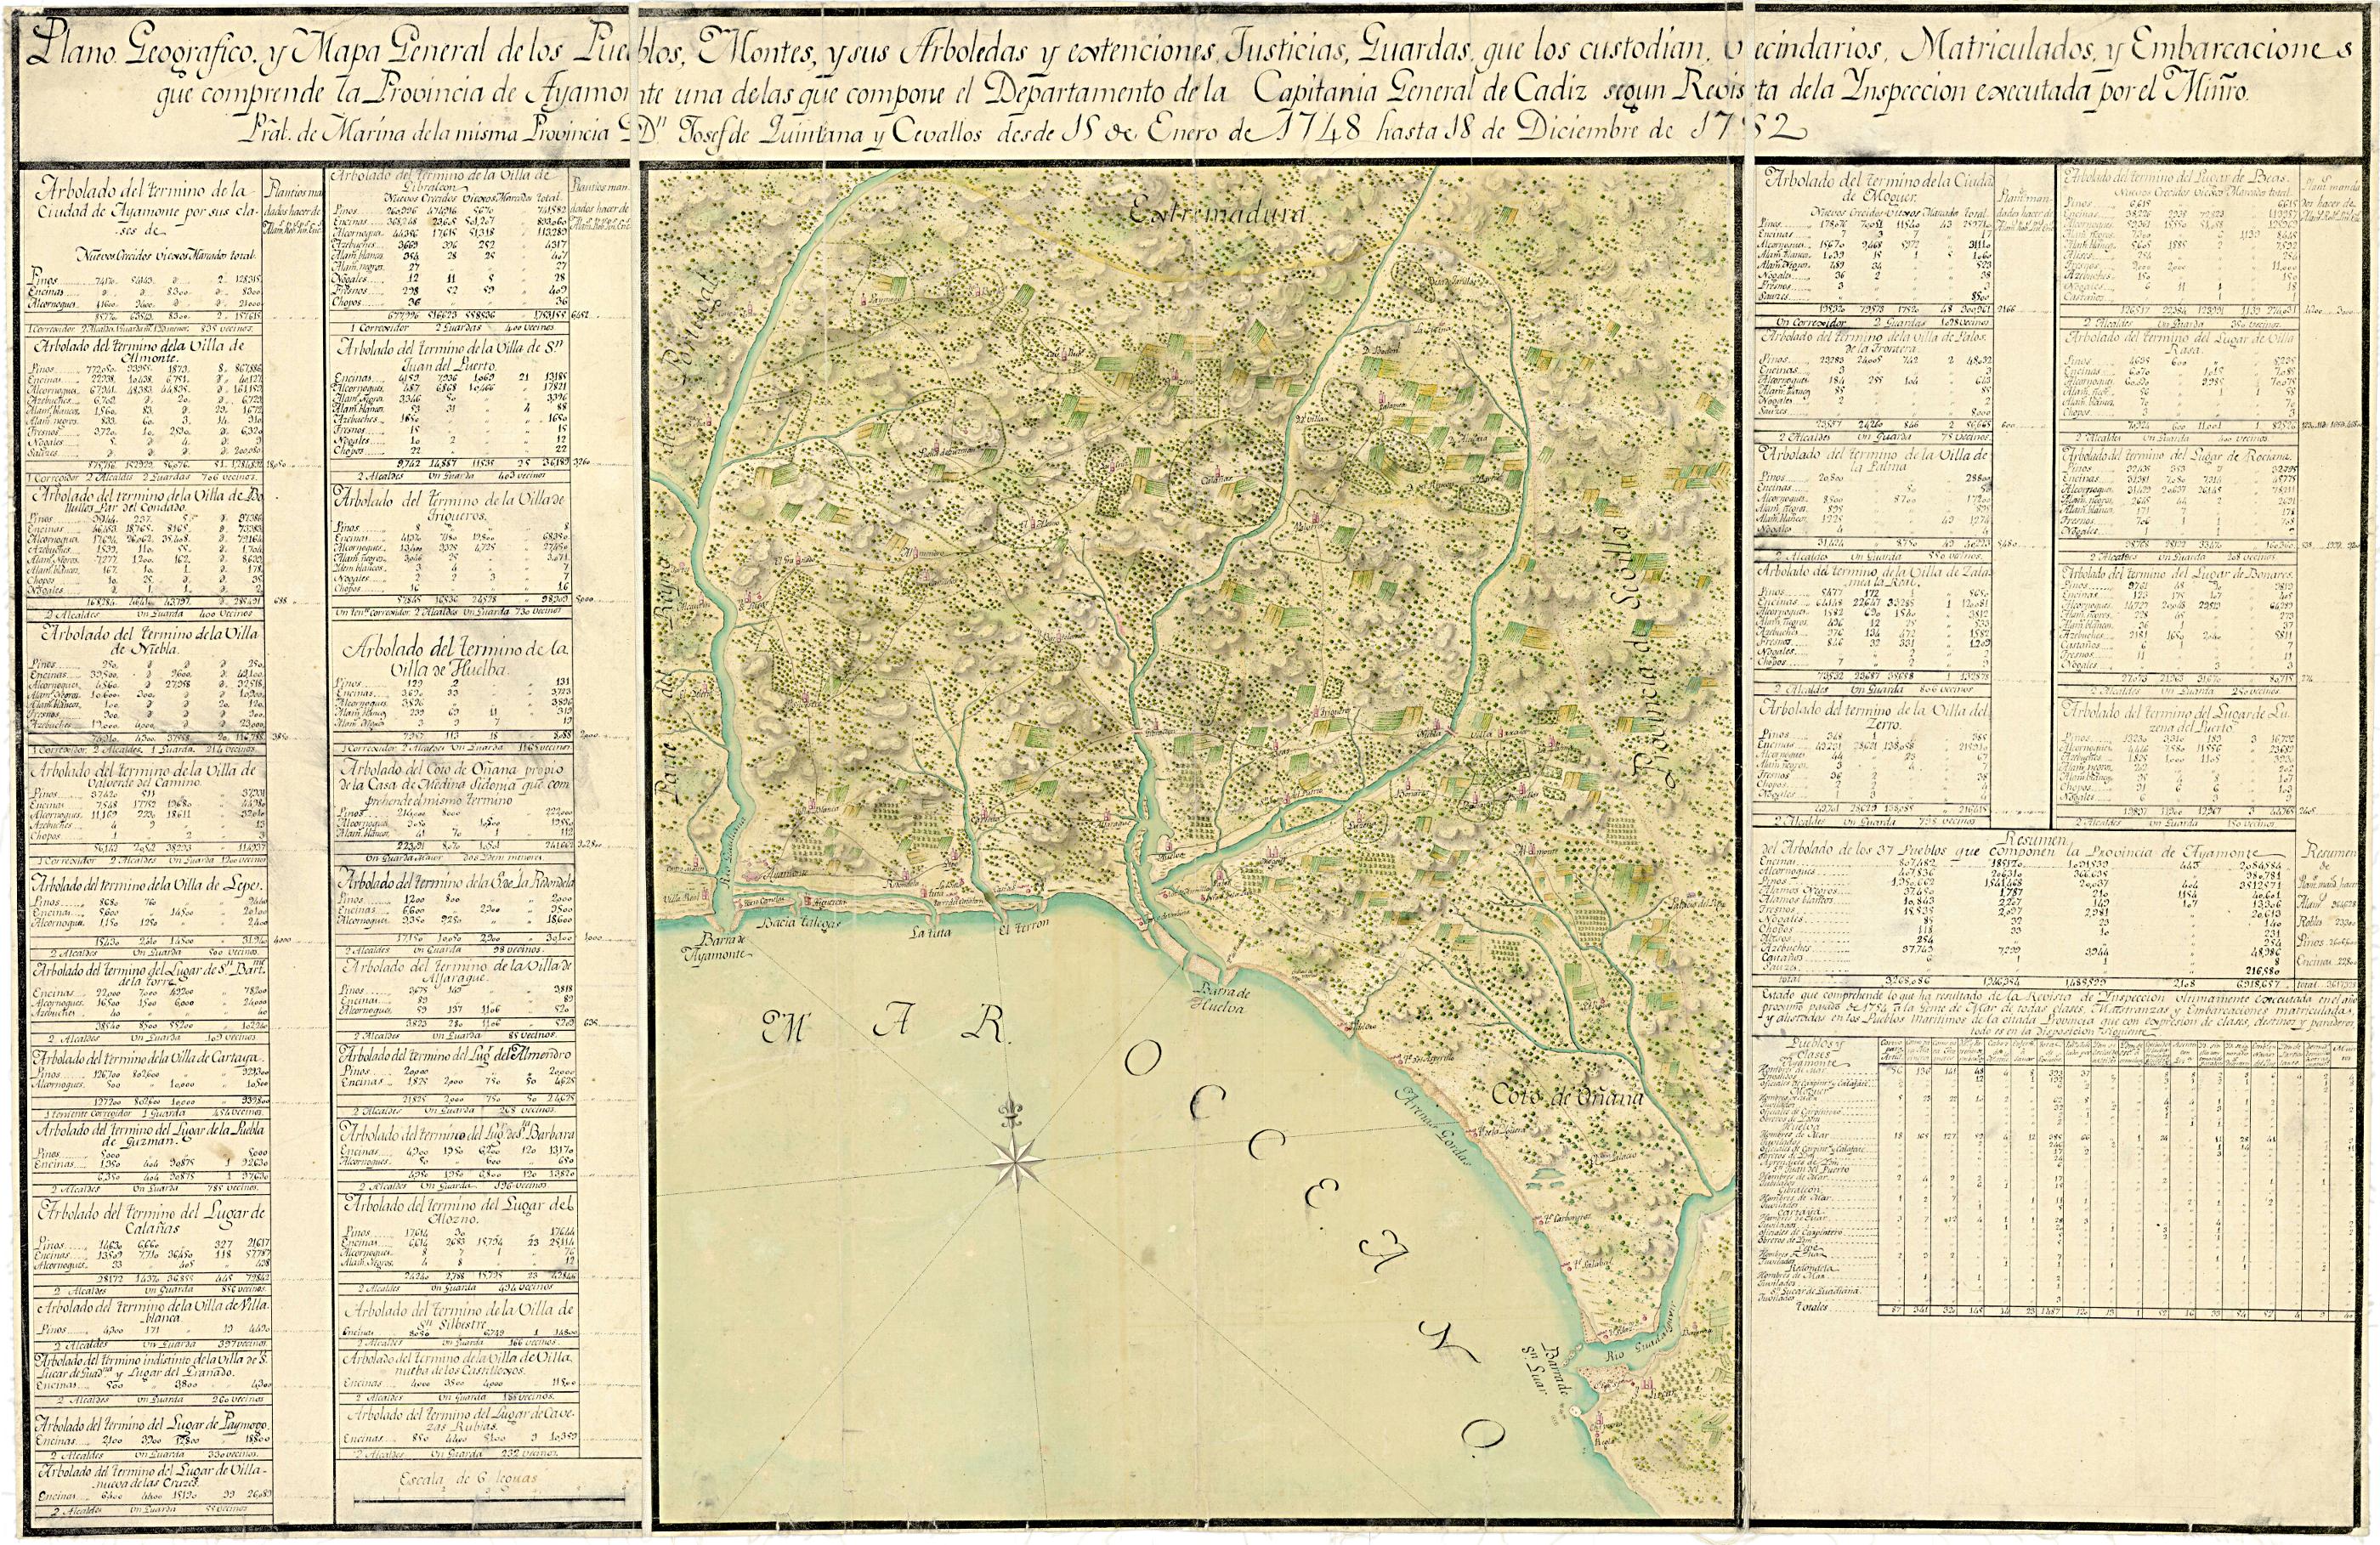 HUELVA (Provincia). Mapas generales. 1:300000. 1755